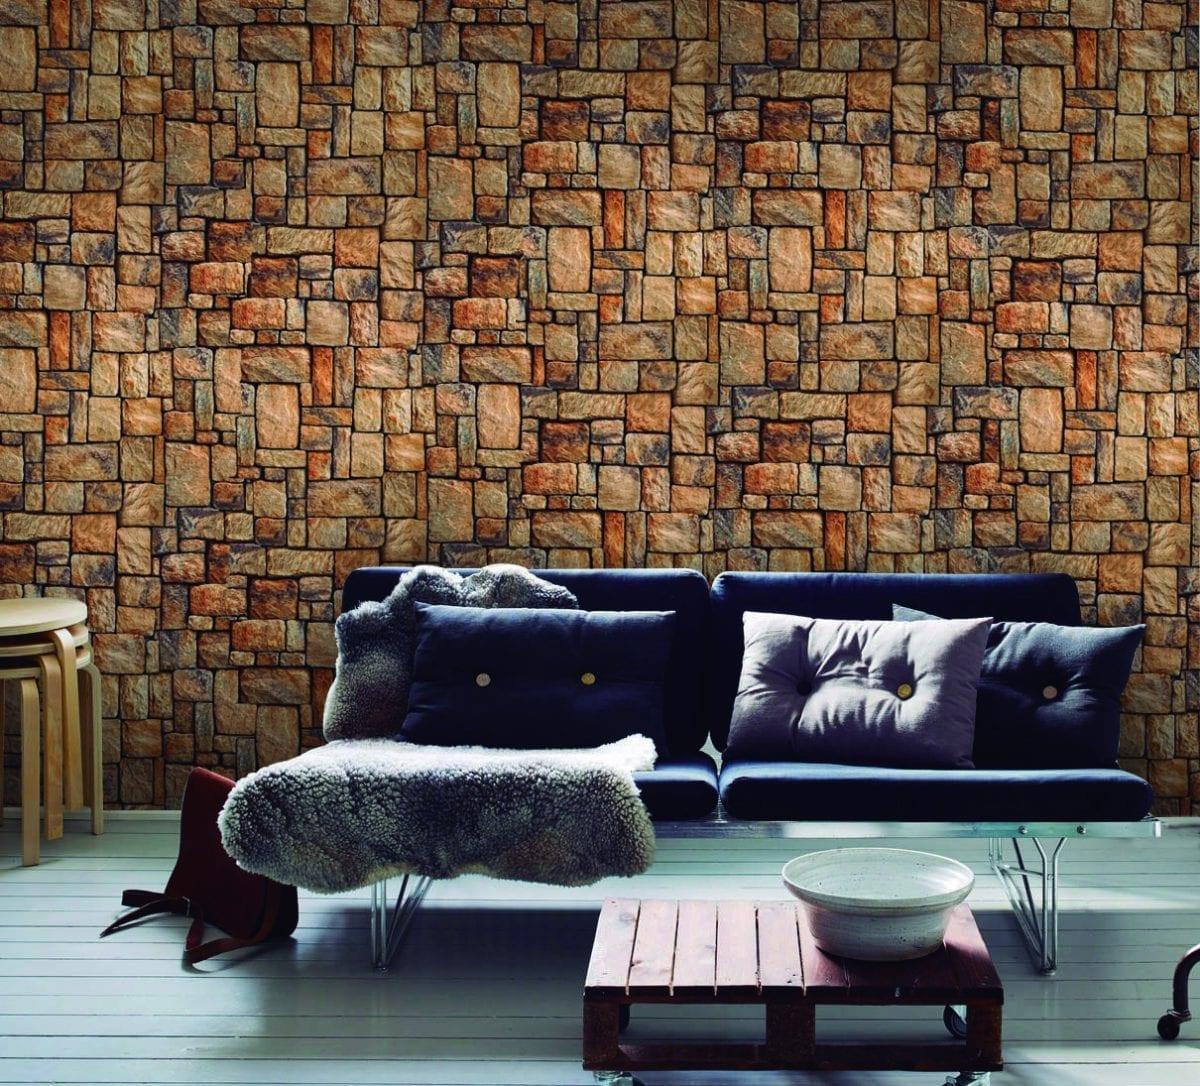 Papel mural piedra adoquin 3470-1 Muresco